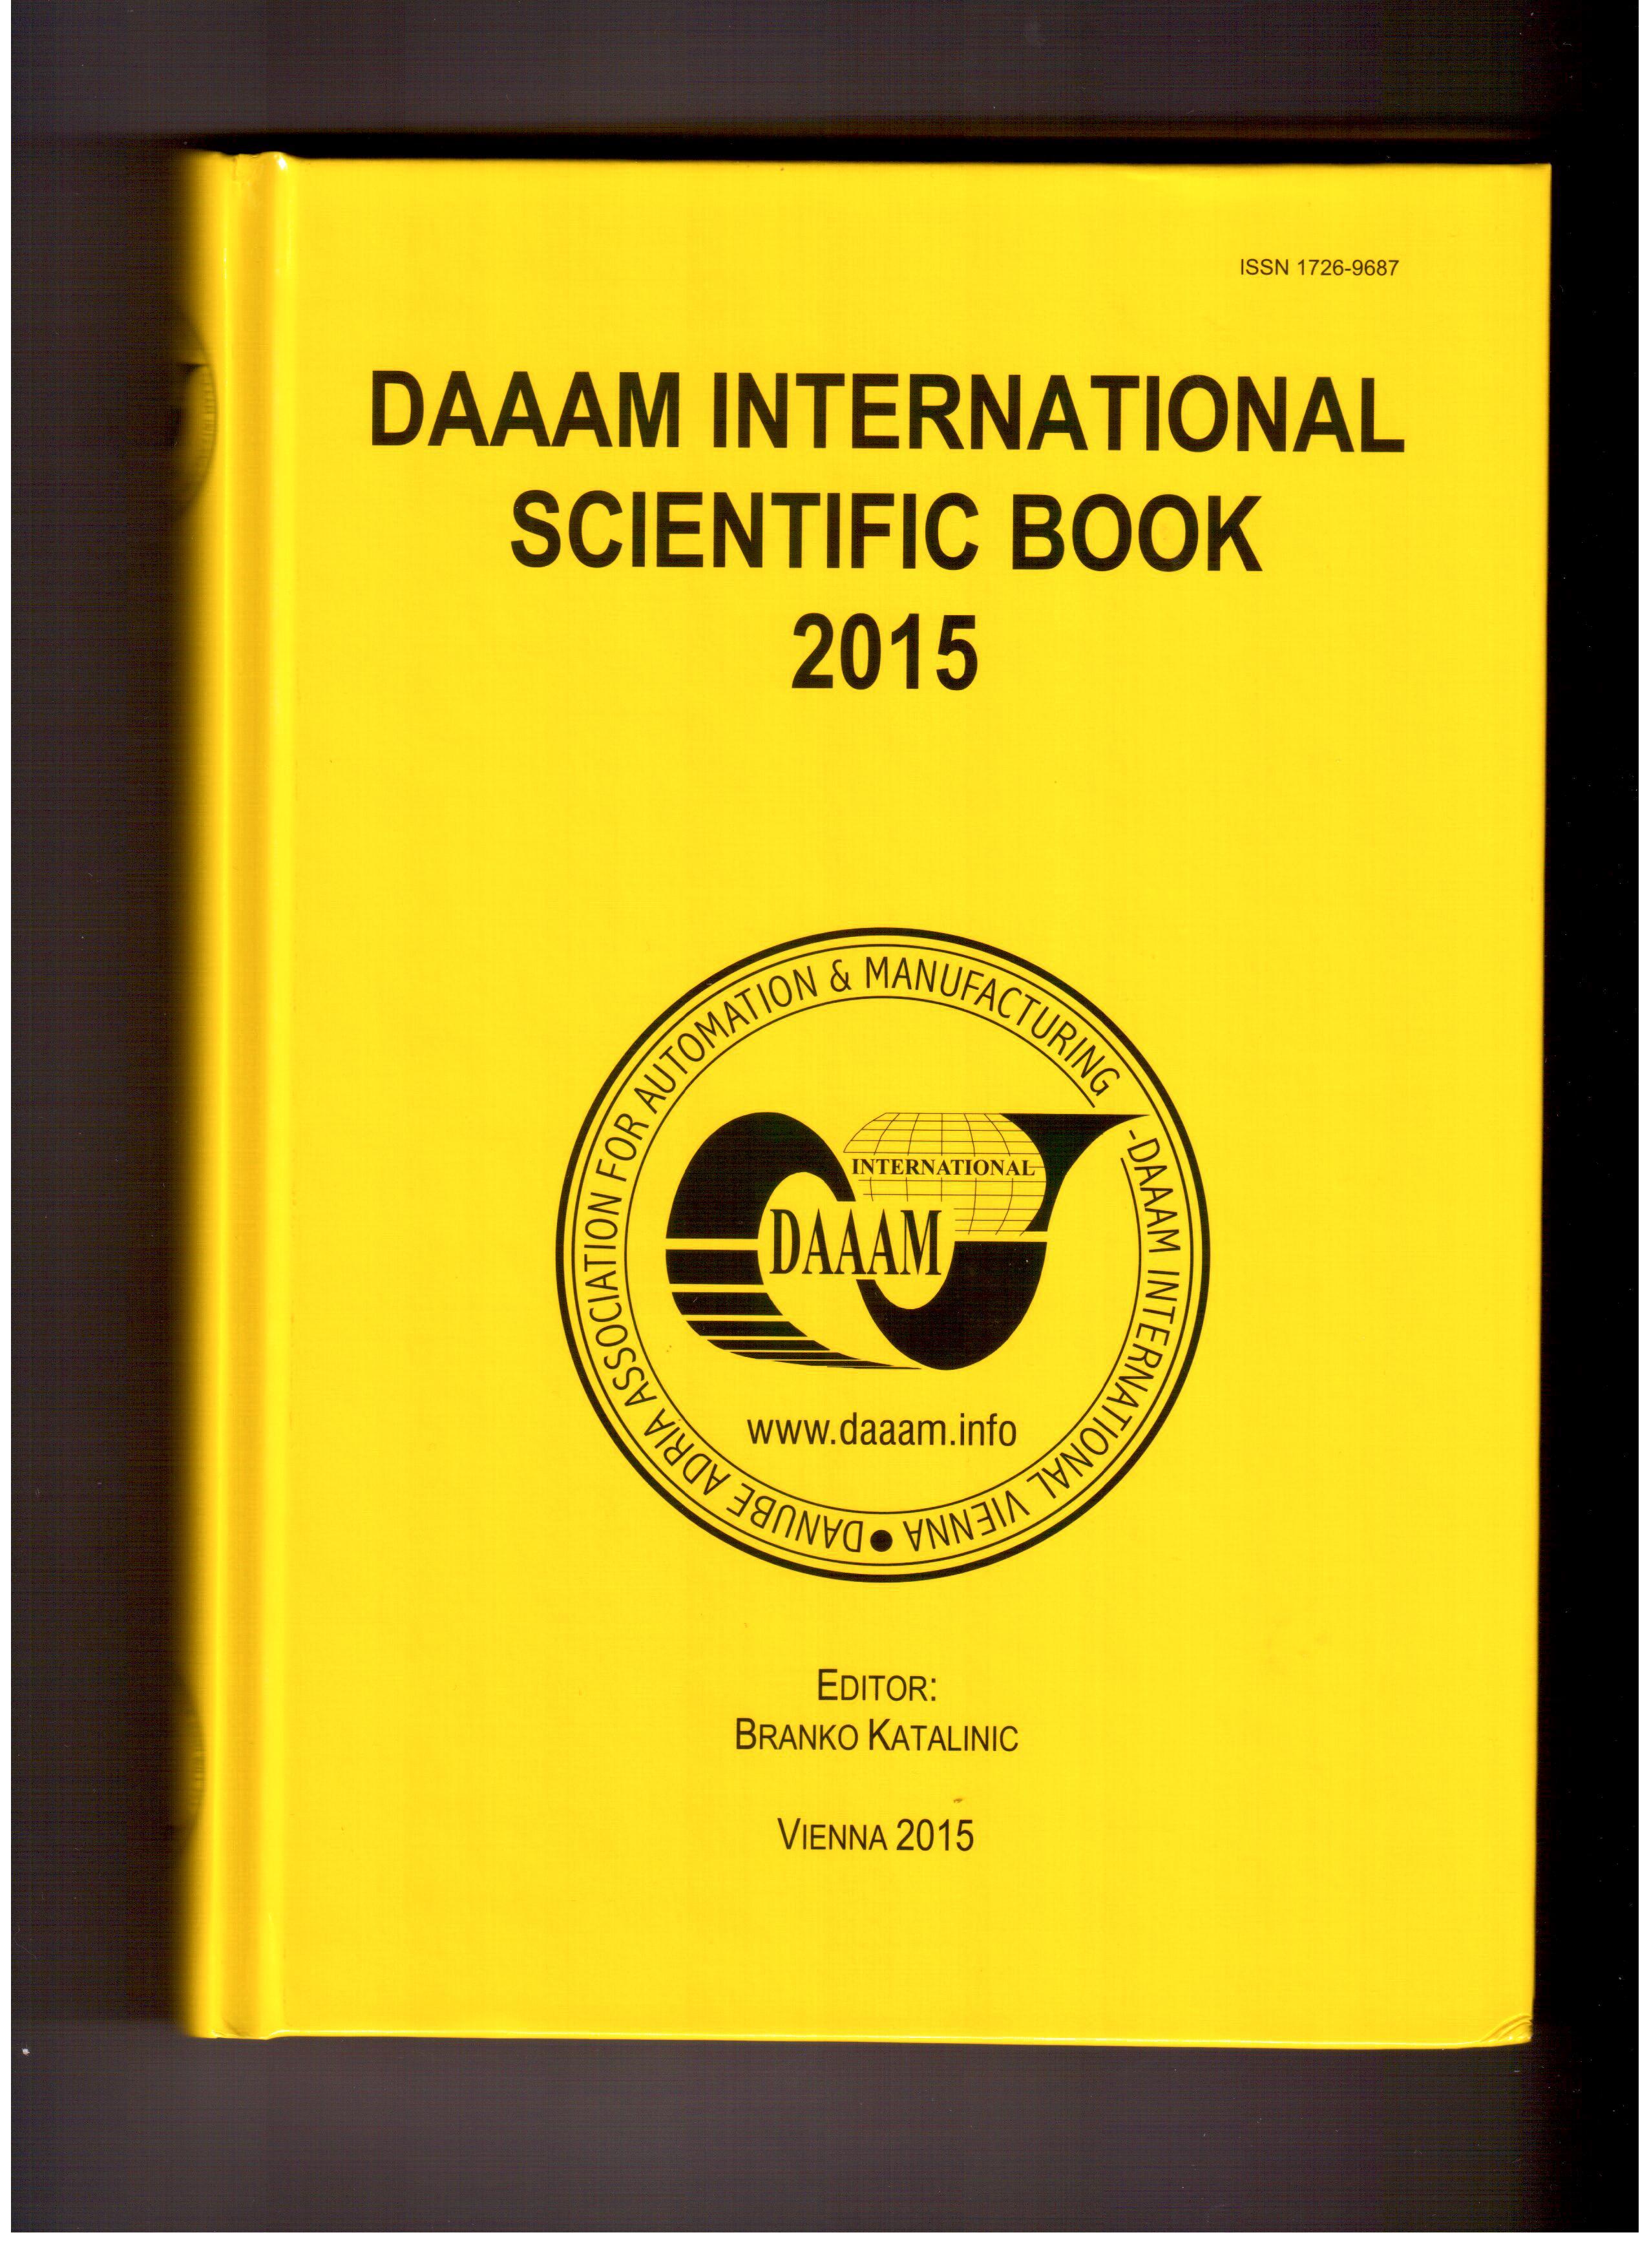 DAAAM International Science Book 2015